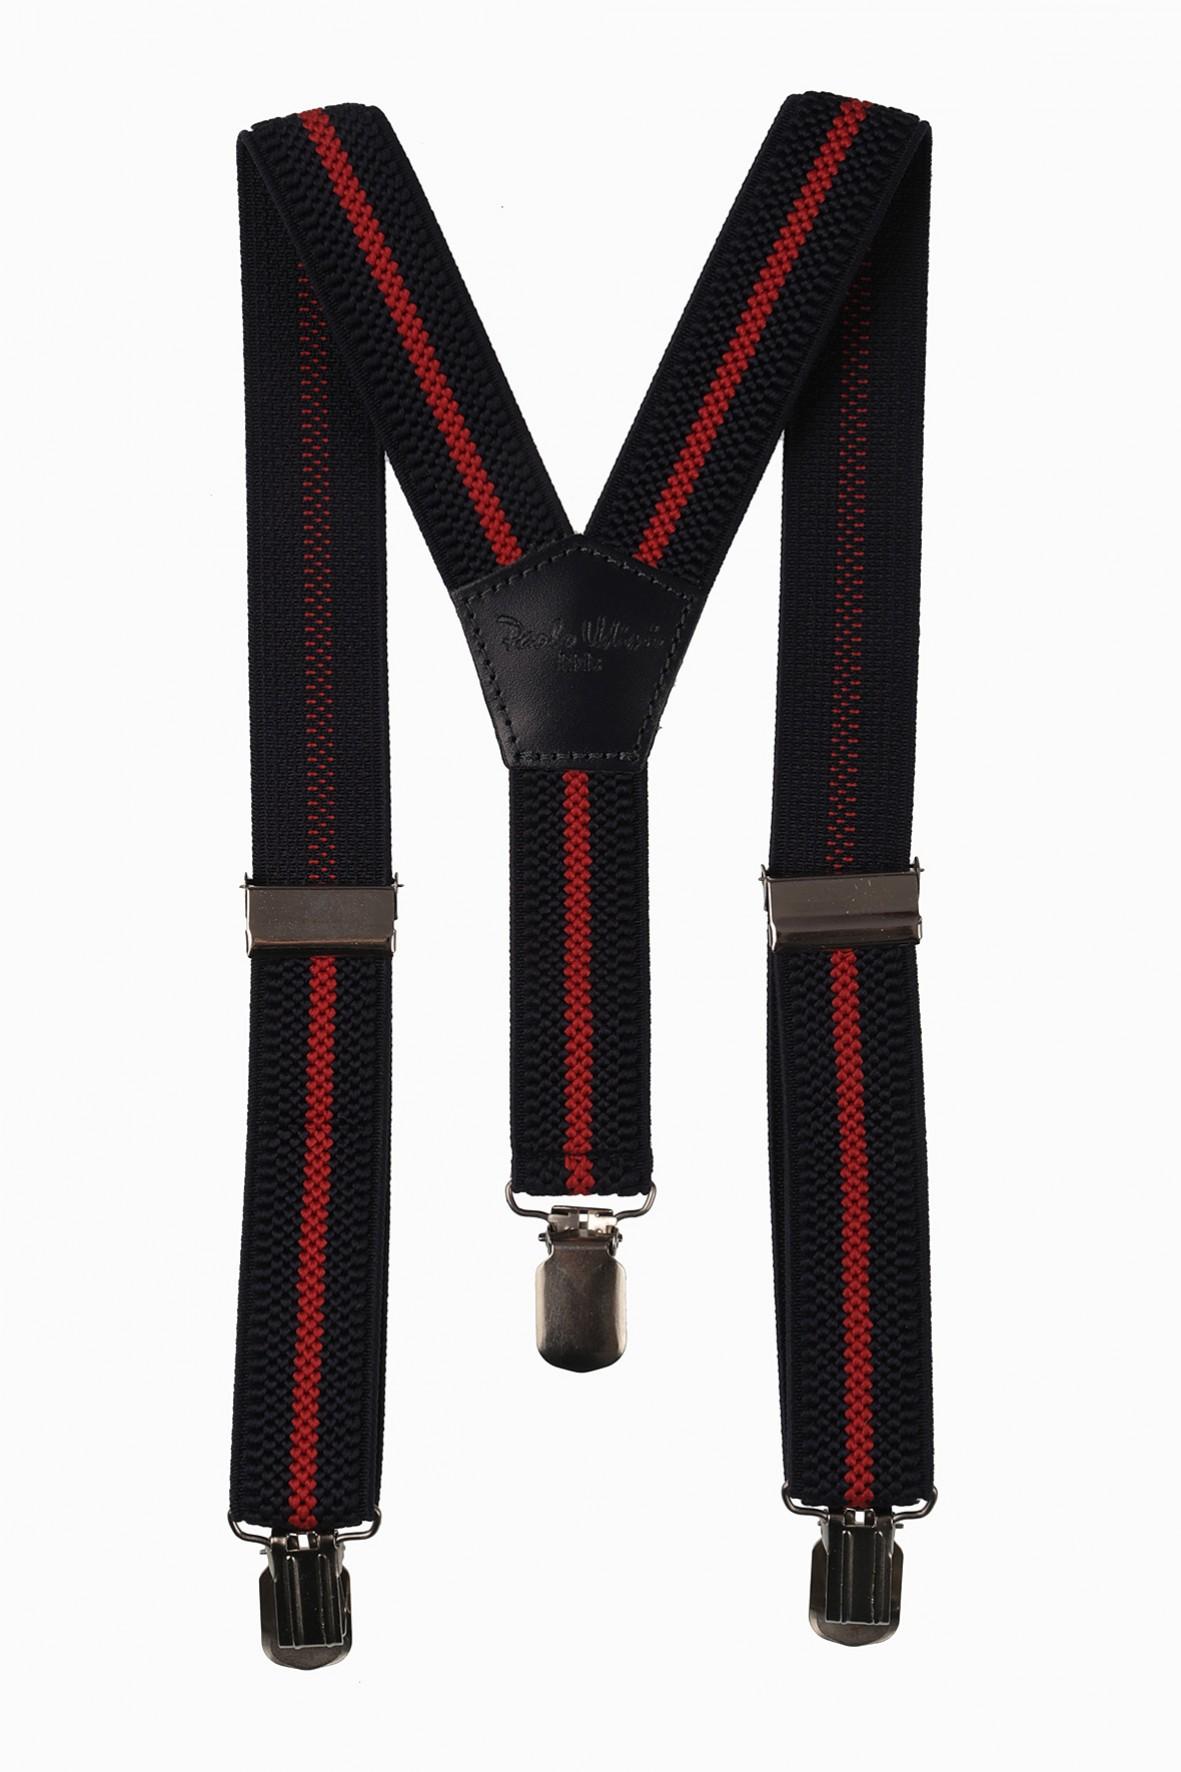 Szelki do spodnie- granatowo-czerwone